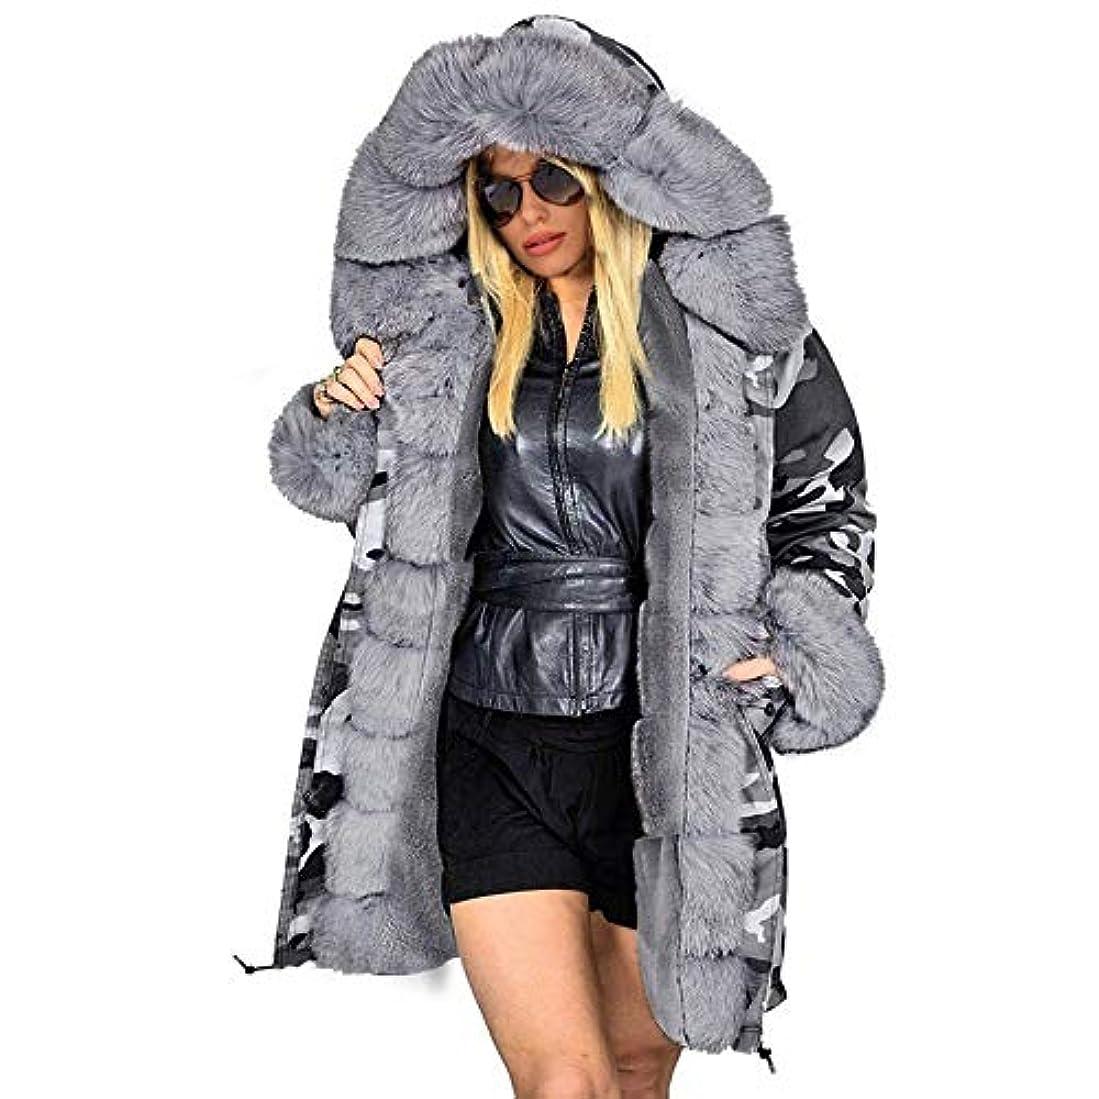 ベルトプレート運賃ファッションコートウィンタージャケット女性フードパーカーロングウォームコットンジャケットアウターウェア女性ウィンターコートプラスサイズ,XXXL